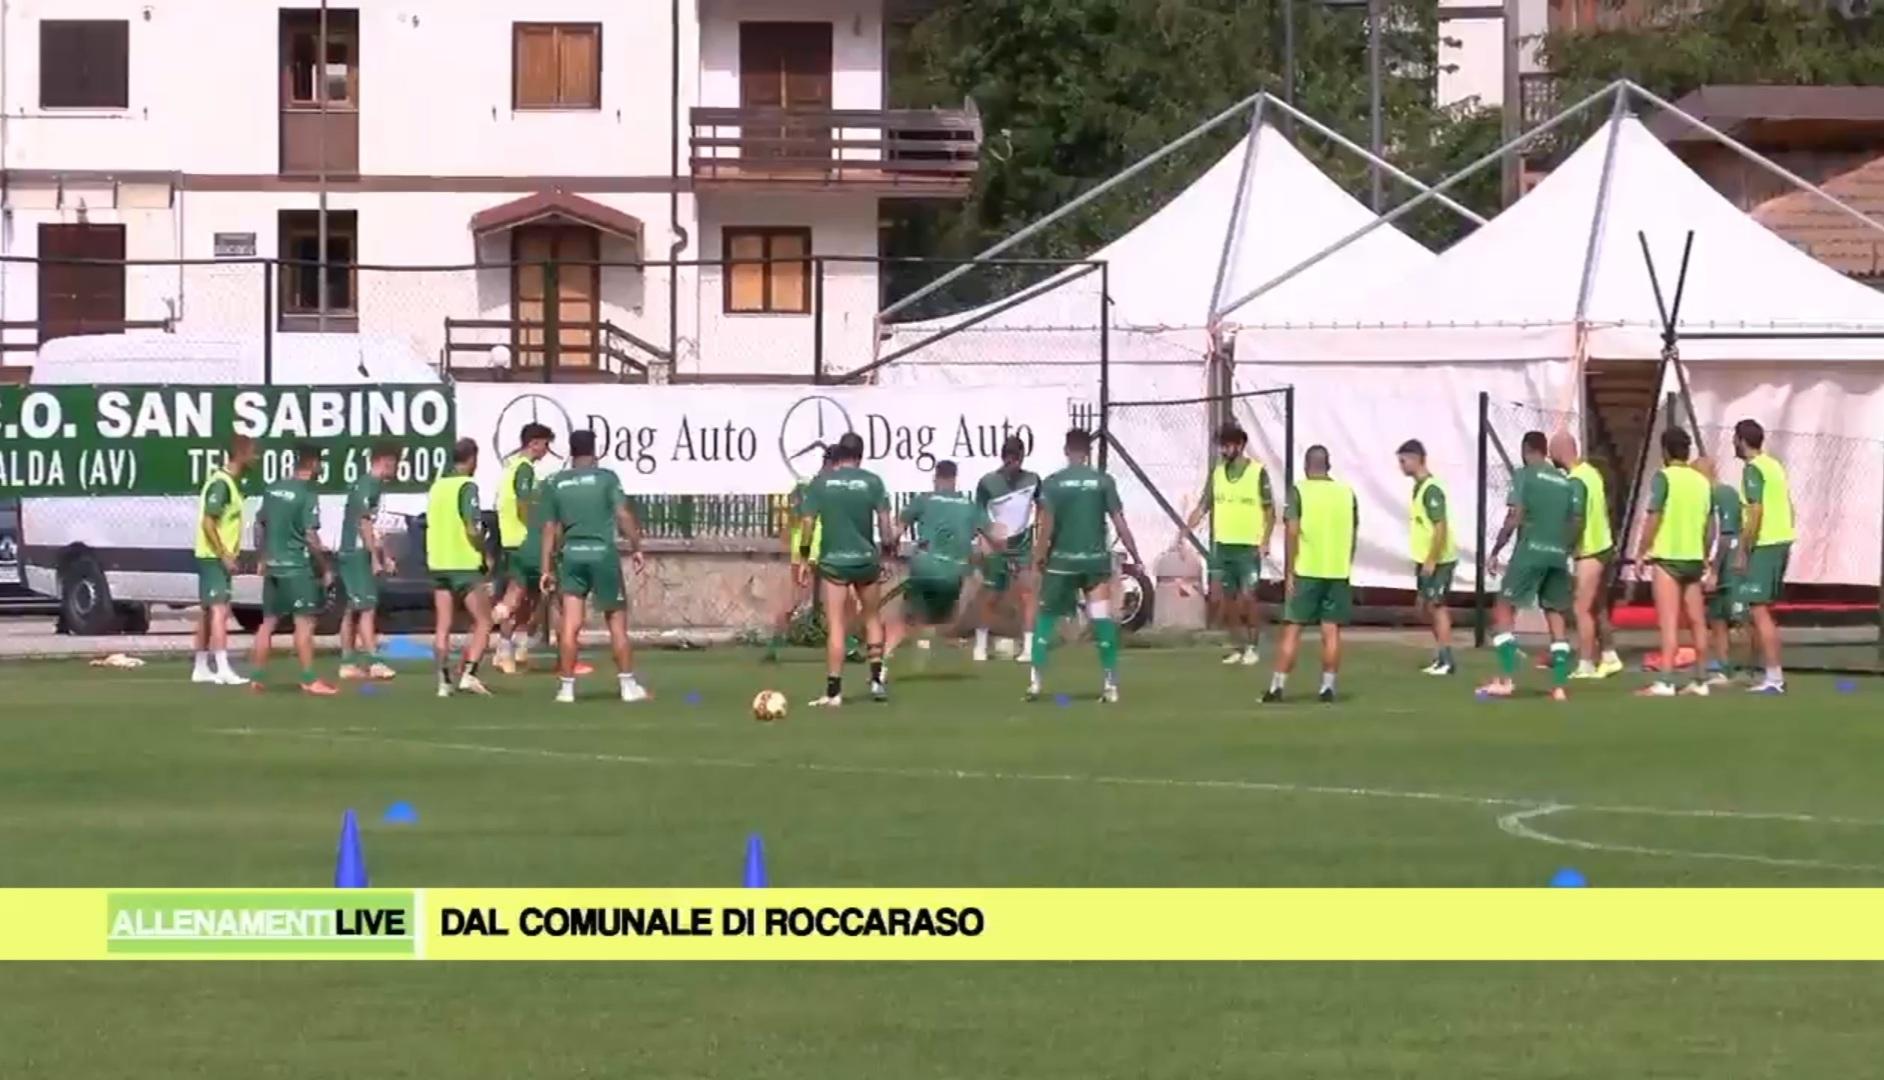 Screenshot Prima Tivvù - Ritiro Avellino